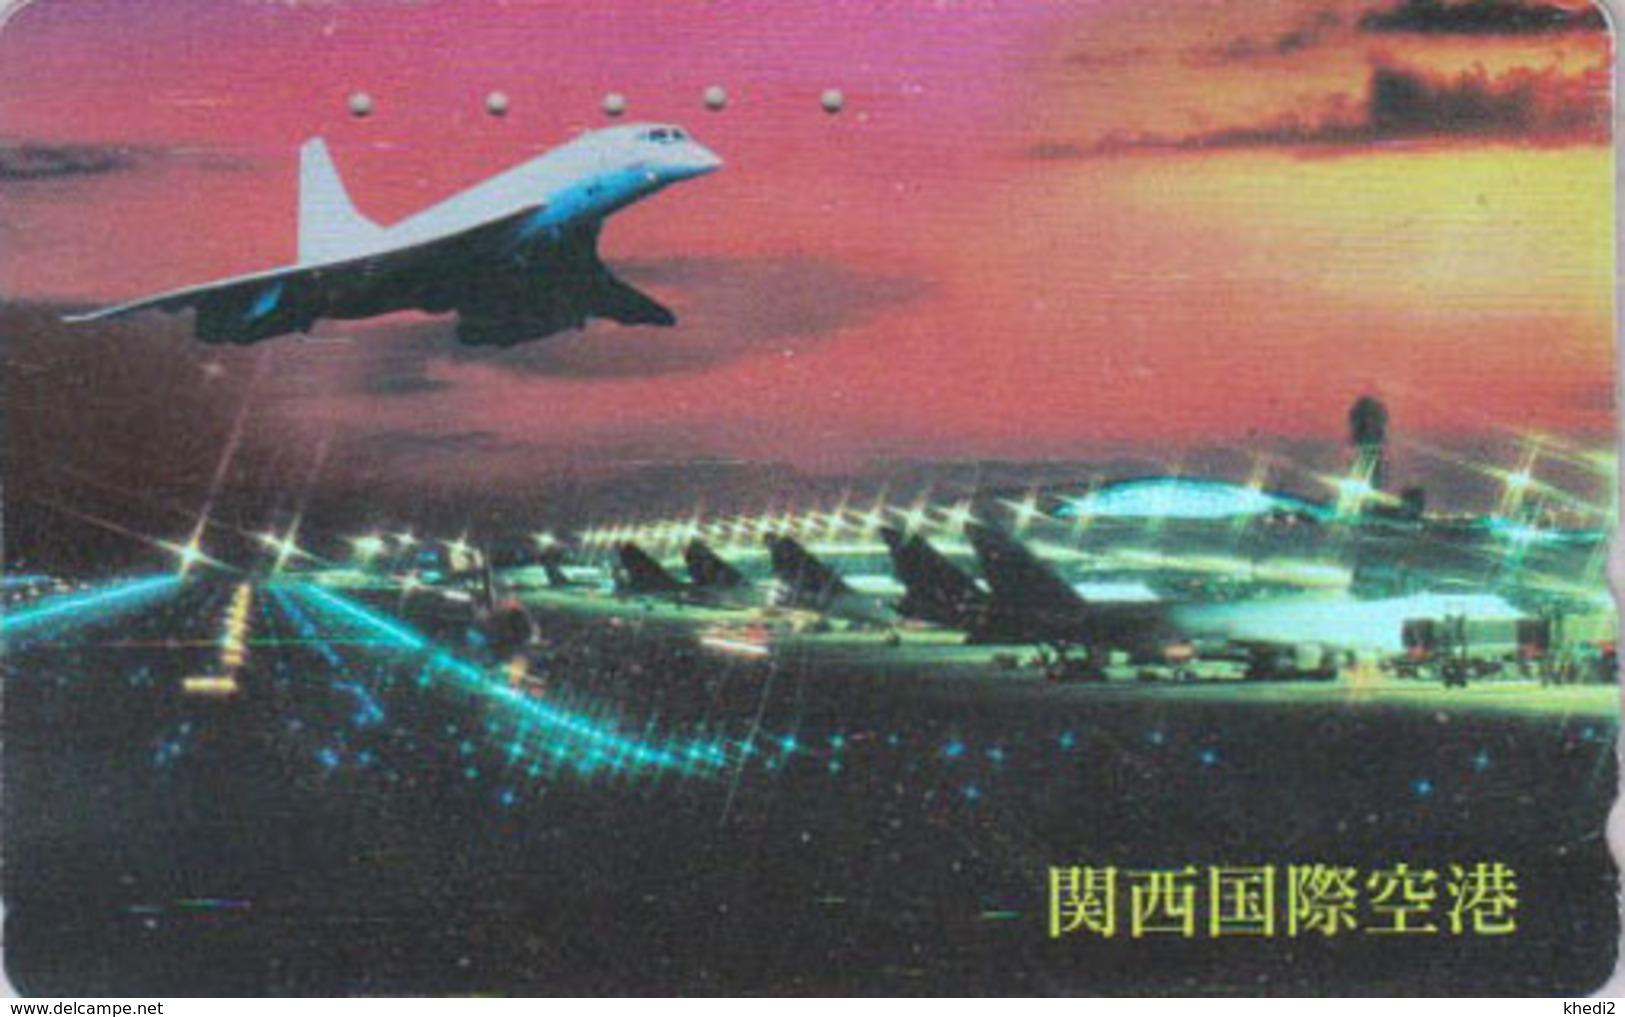 Télécarte Japon / 110-011 - AVION CONCORDE - PLANE AIRLINES Japan Phonecard - FLUGZEUG - Aviation 2243 - Avions